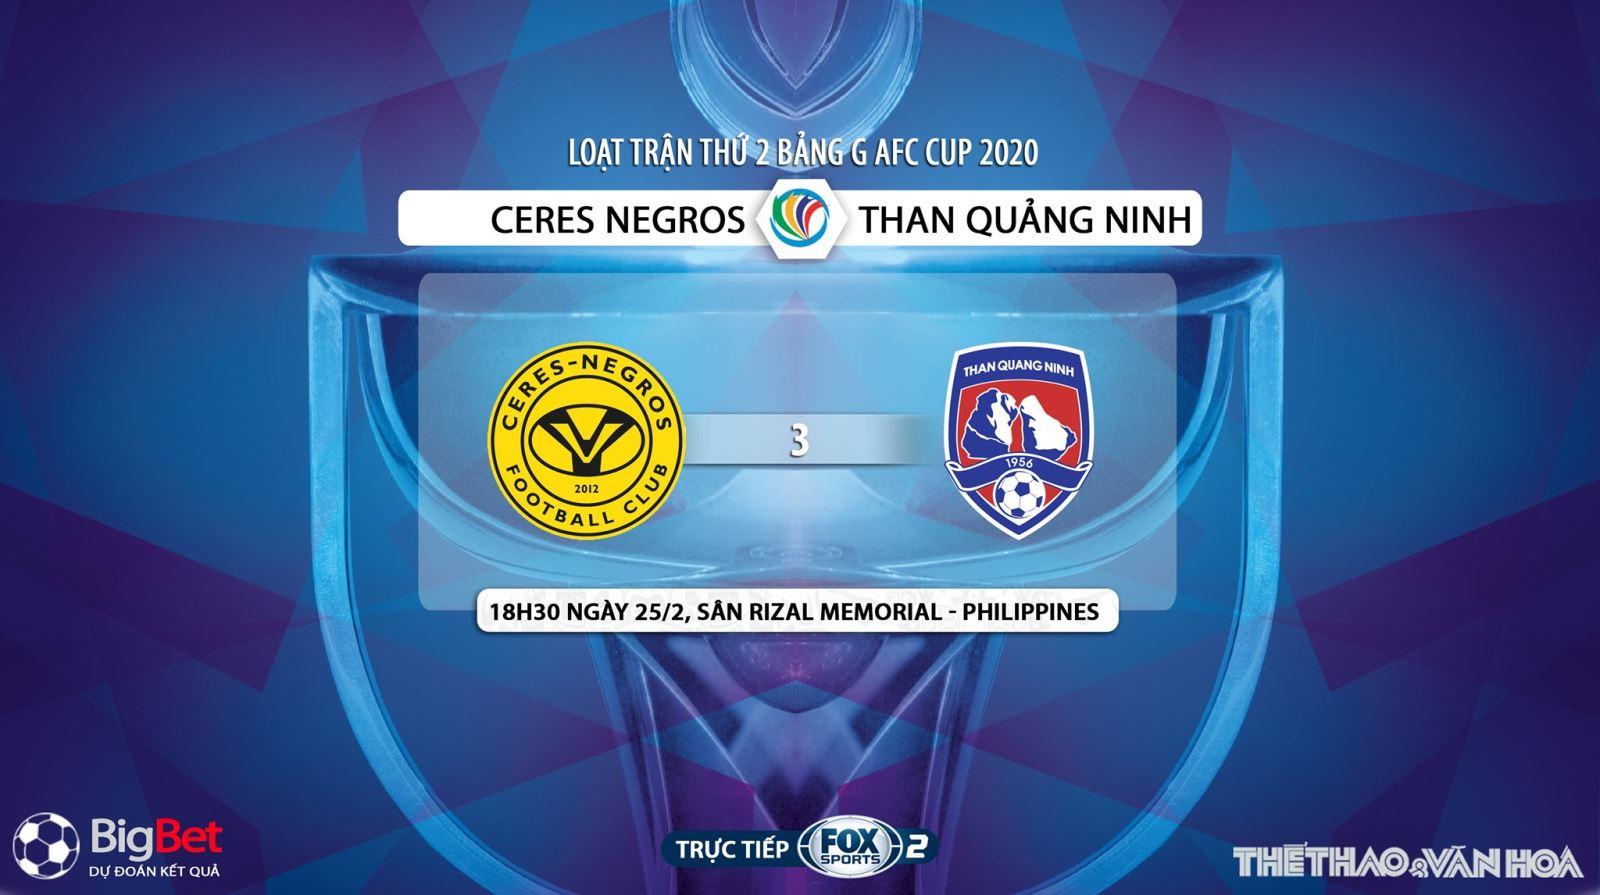 Ceres-Negros vs Than Quang Ninh, trực tiếp bóng đá Ceres-Negros vs Than Quang Ninh, Ceres-Negros, Than Quảng Ninh, AFC Cup, trực tiếp bóng đá, lịch thi đấu